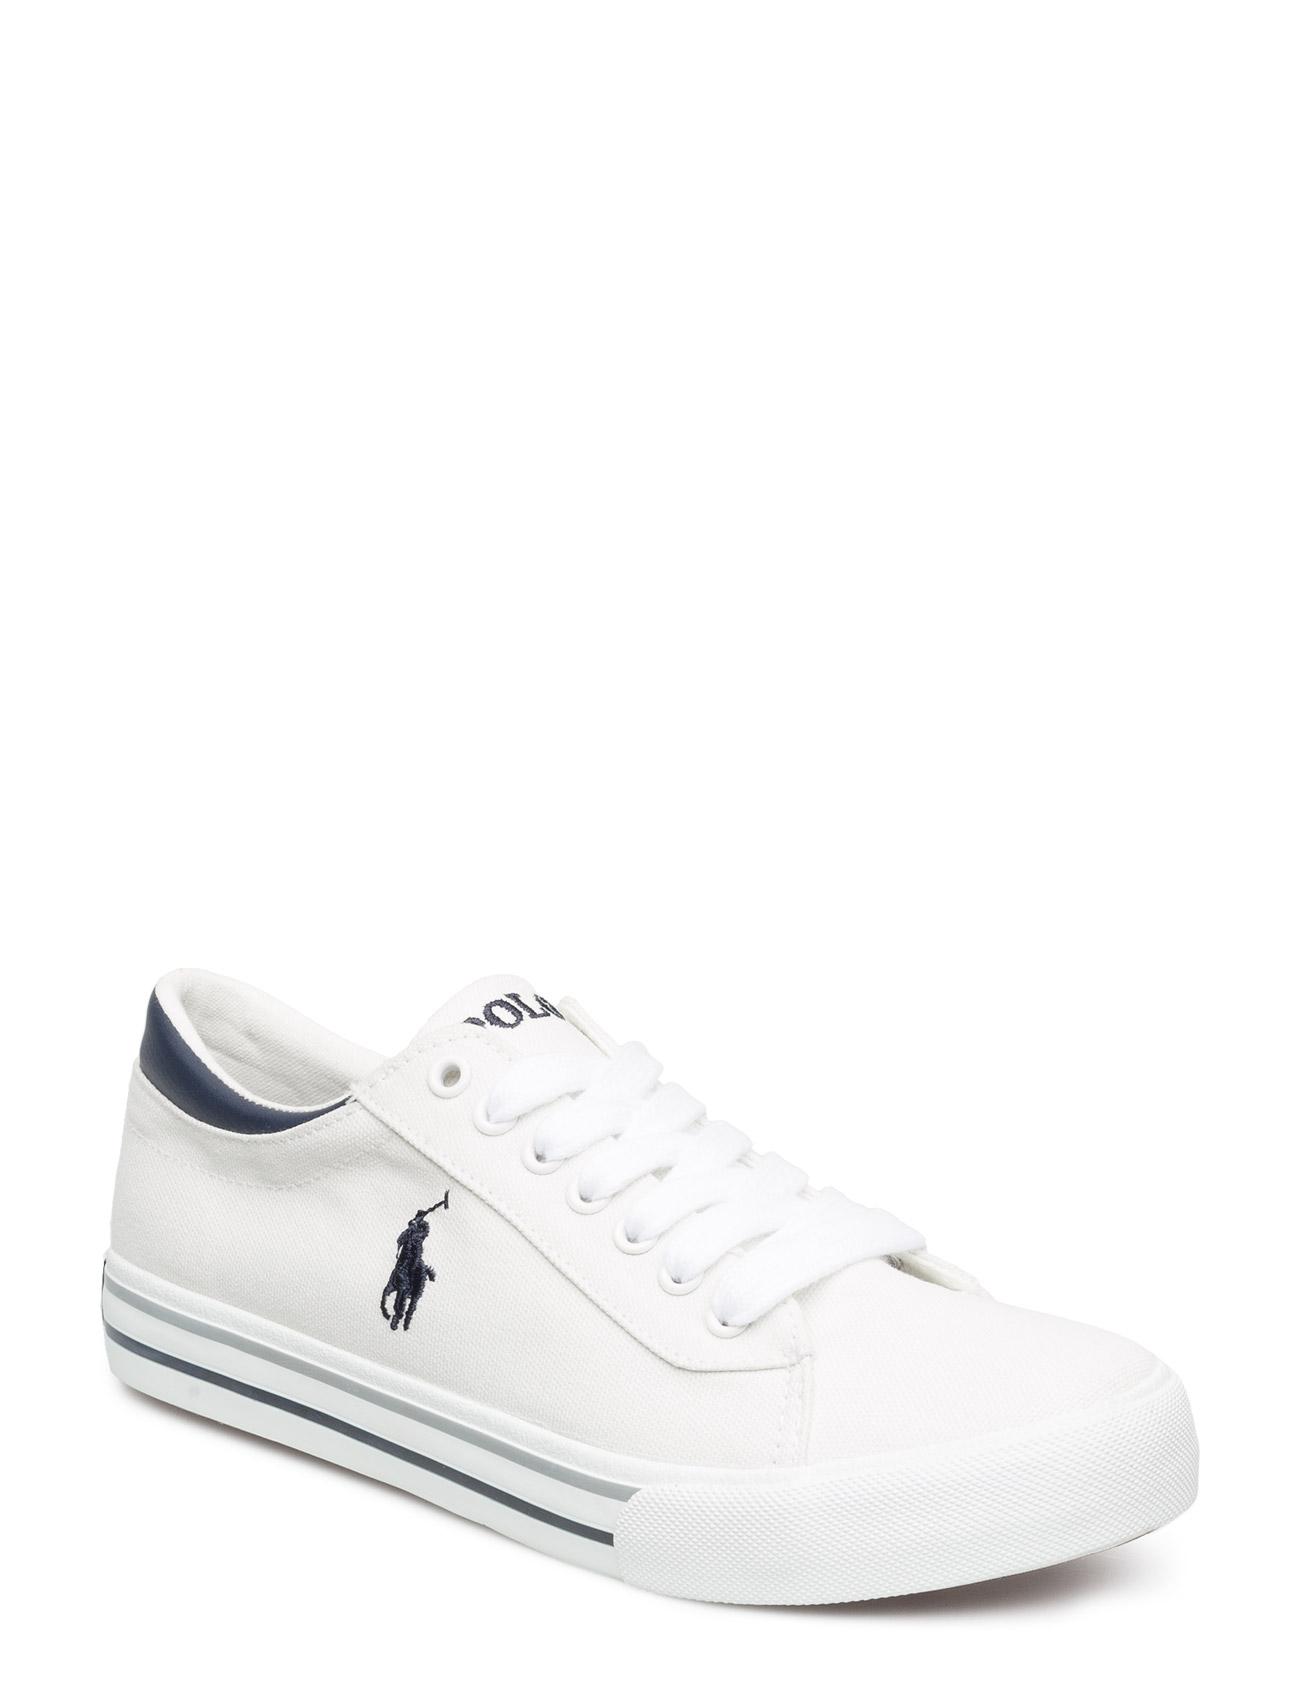 Acheter chaussure femme ralph lauren pas cher 38f19ed8f416